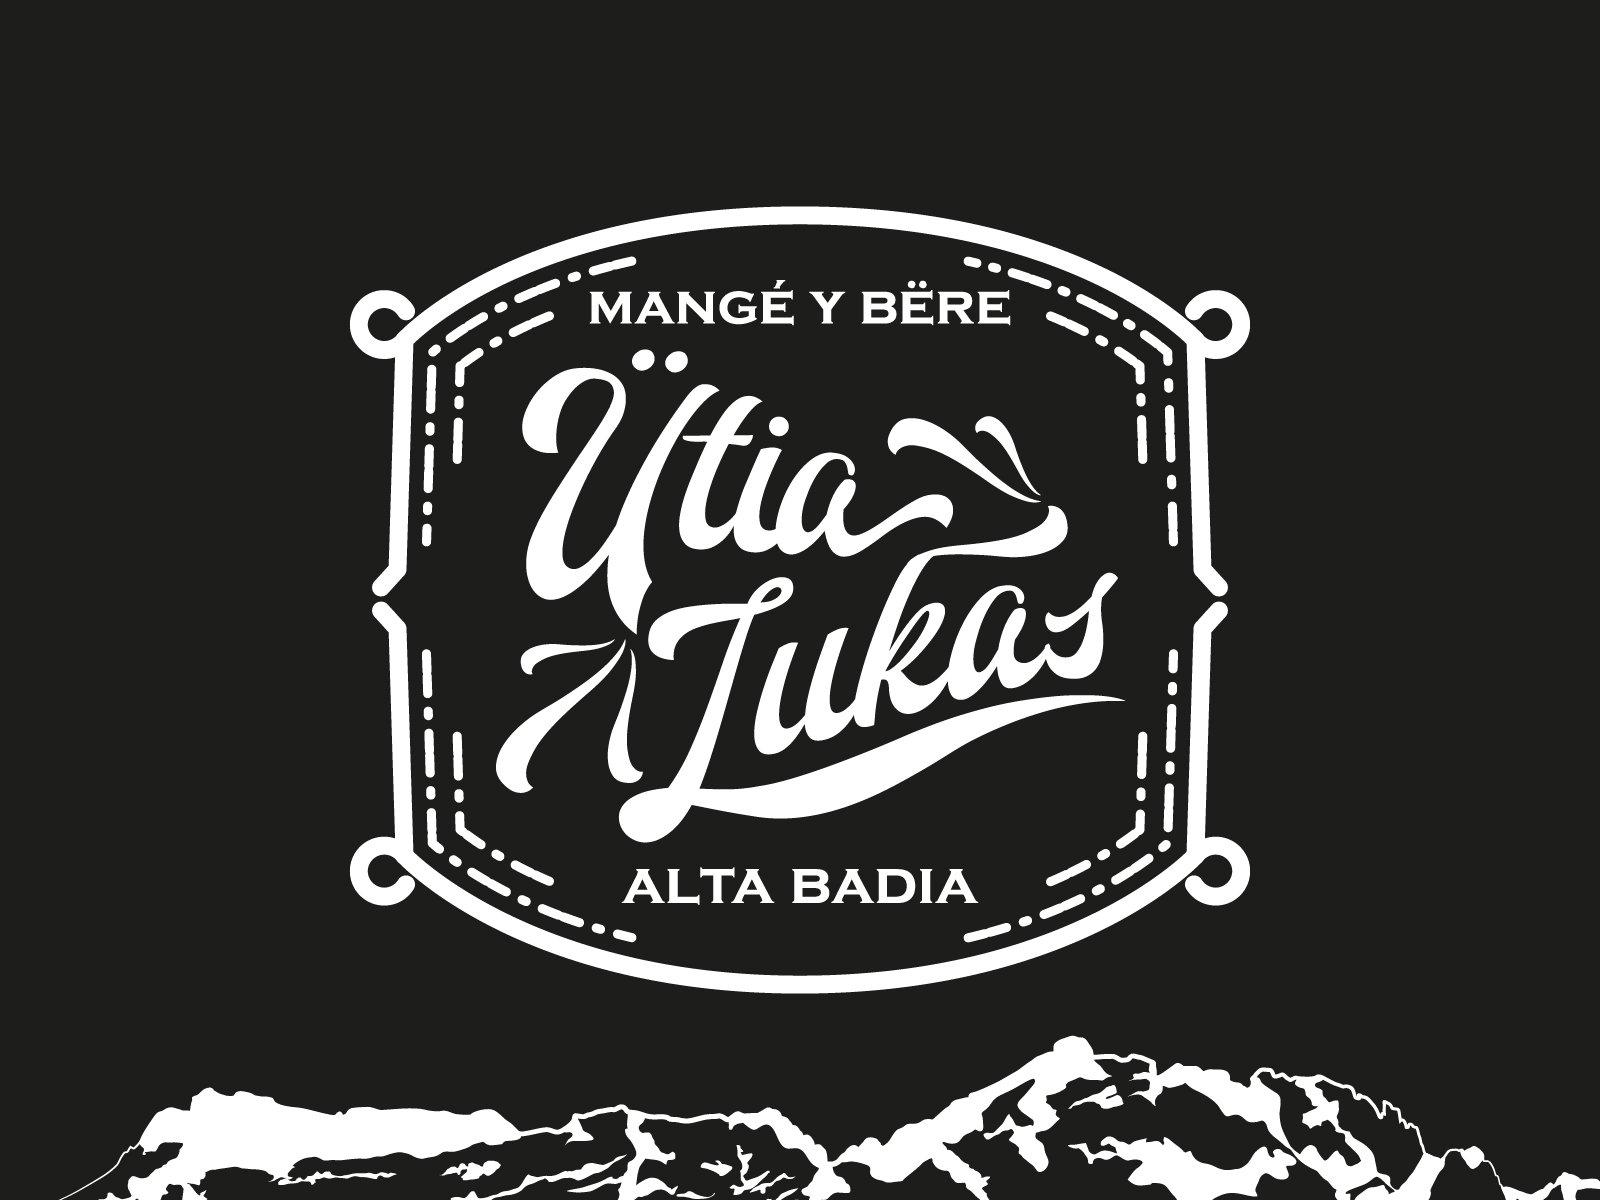 ütia lukas, branding per punto di ristoro, Alta Badia - Italia